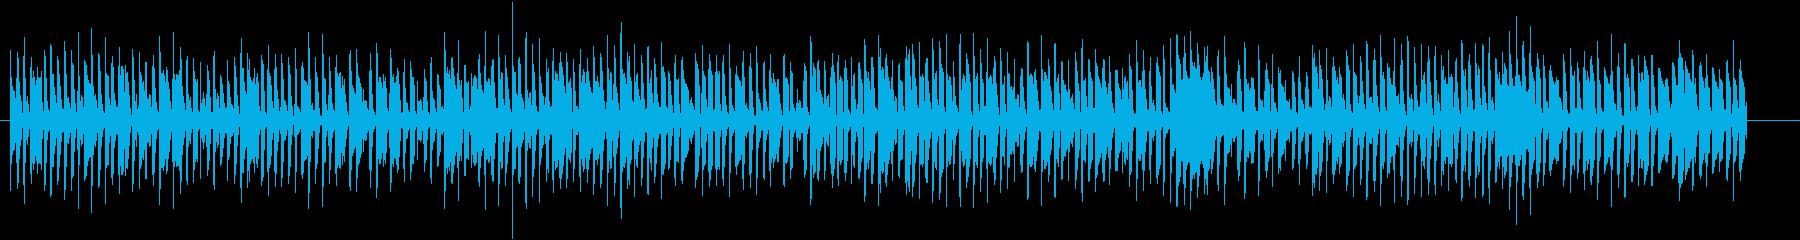 ゲーム.パズル.ピコピコ.8bitの再生済みの波形